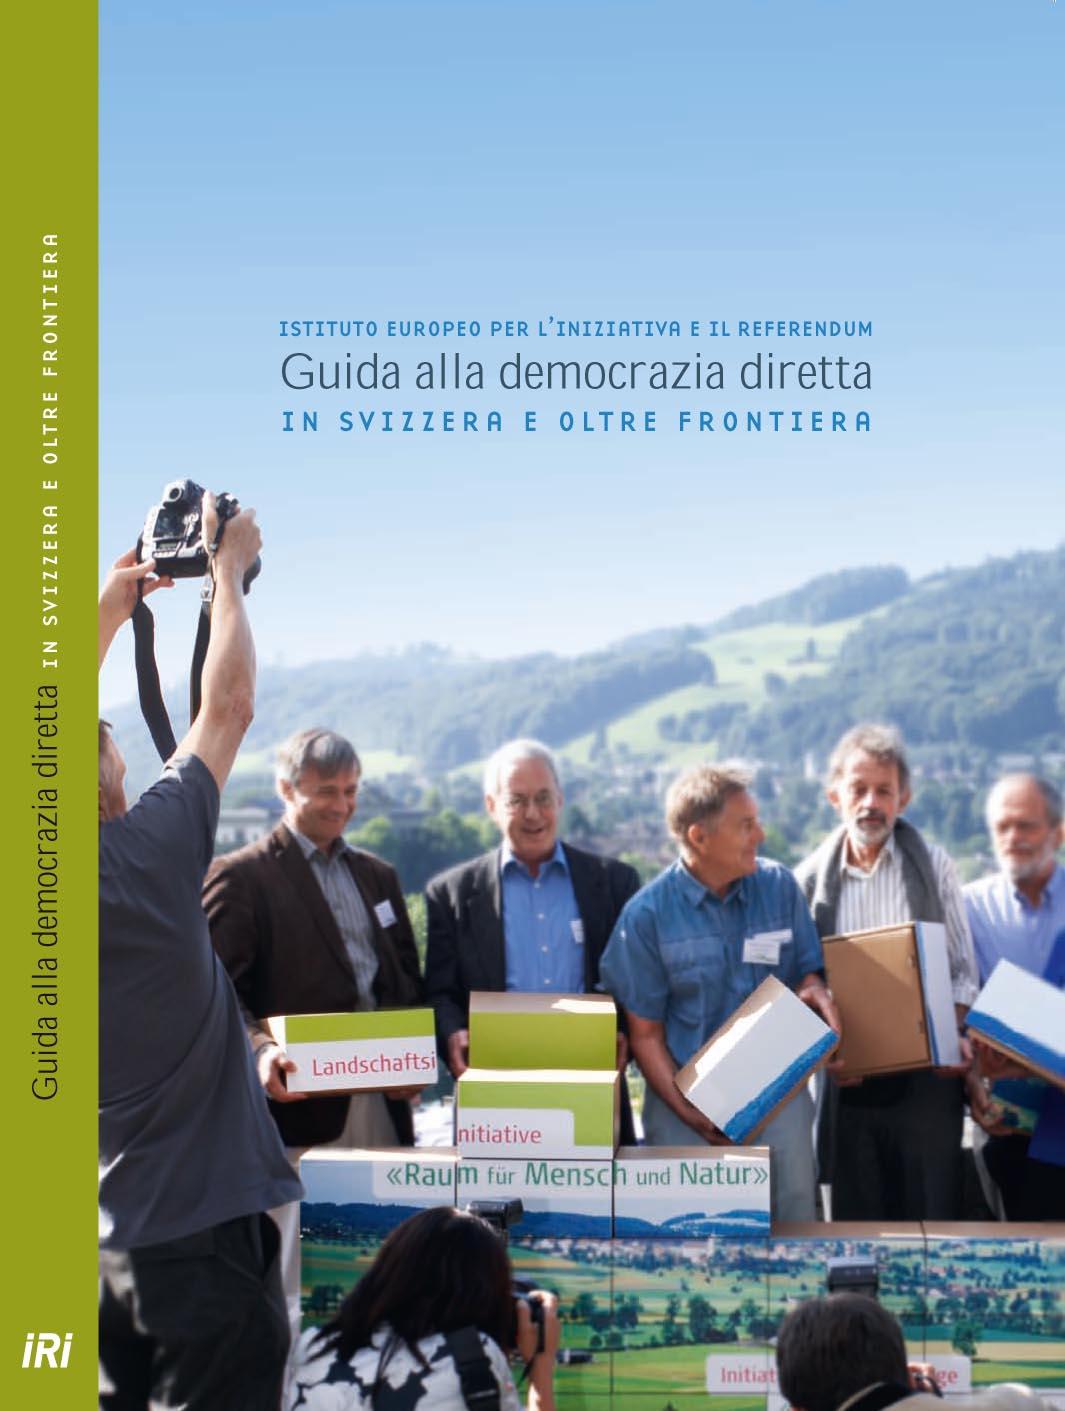 guida alla democrazia diretta